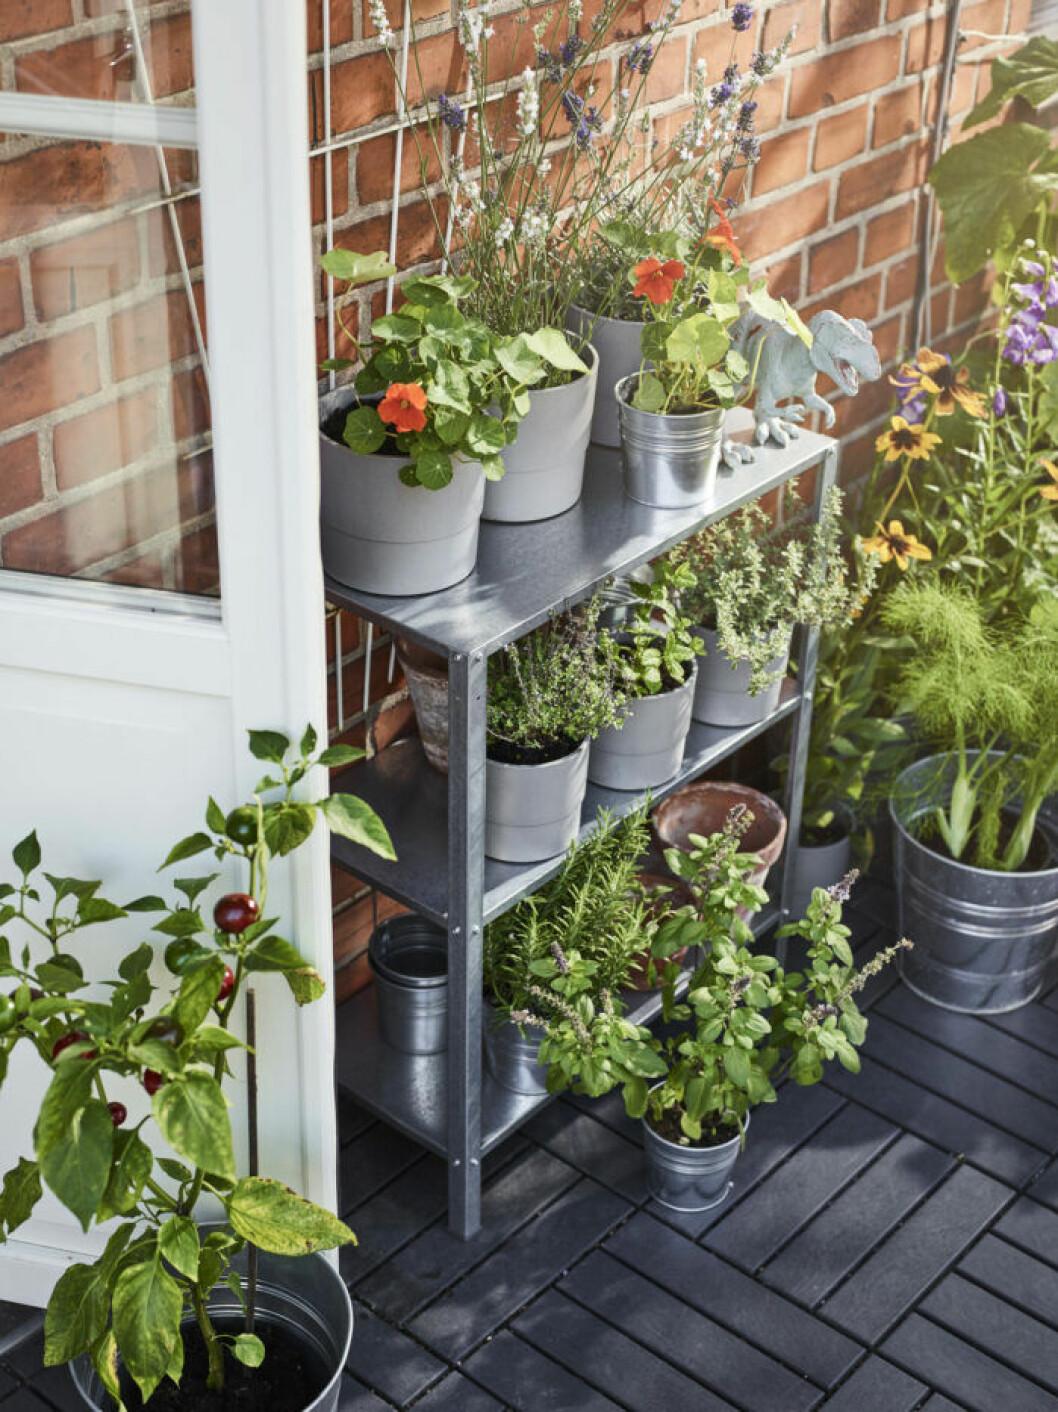 Hyllis med växter i Ikea-katalogen 2019